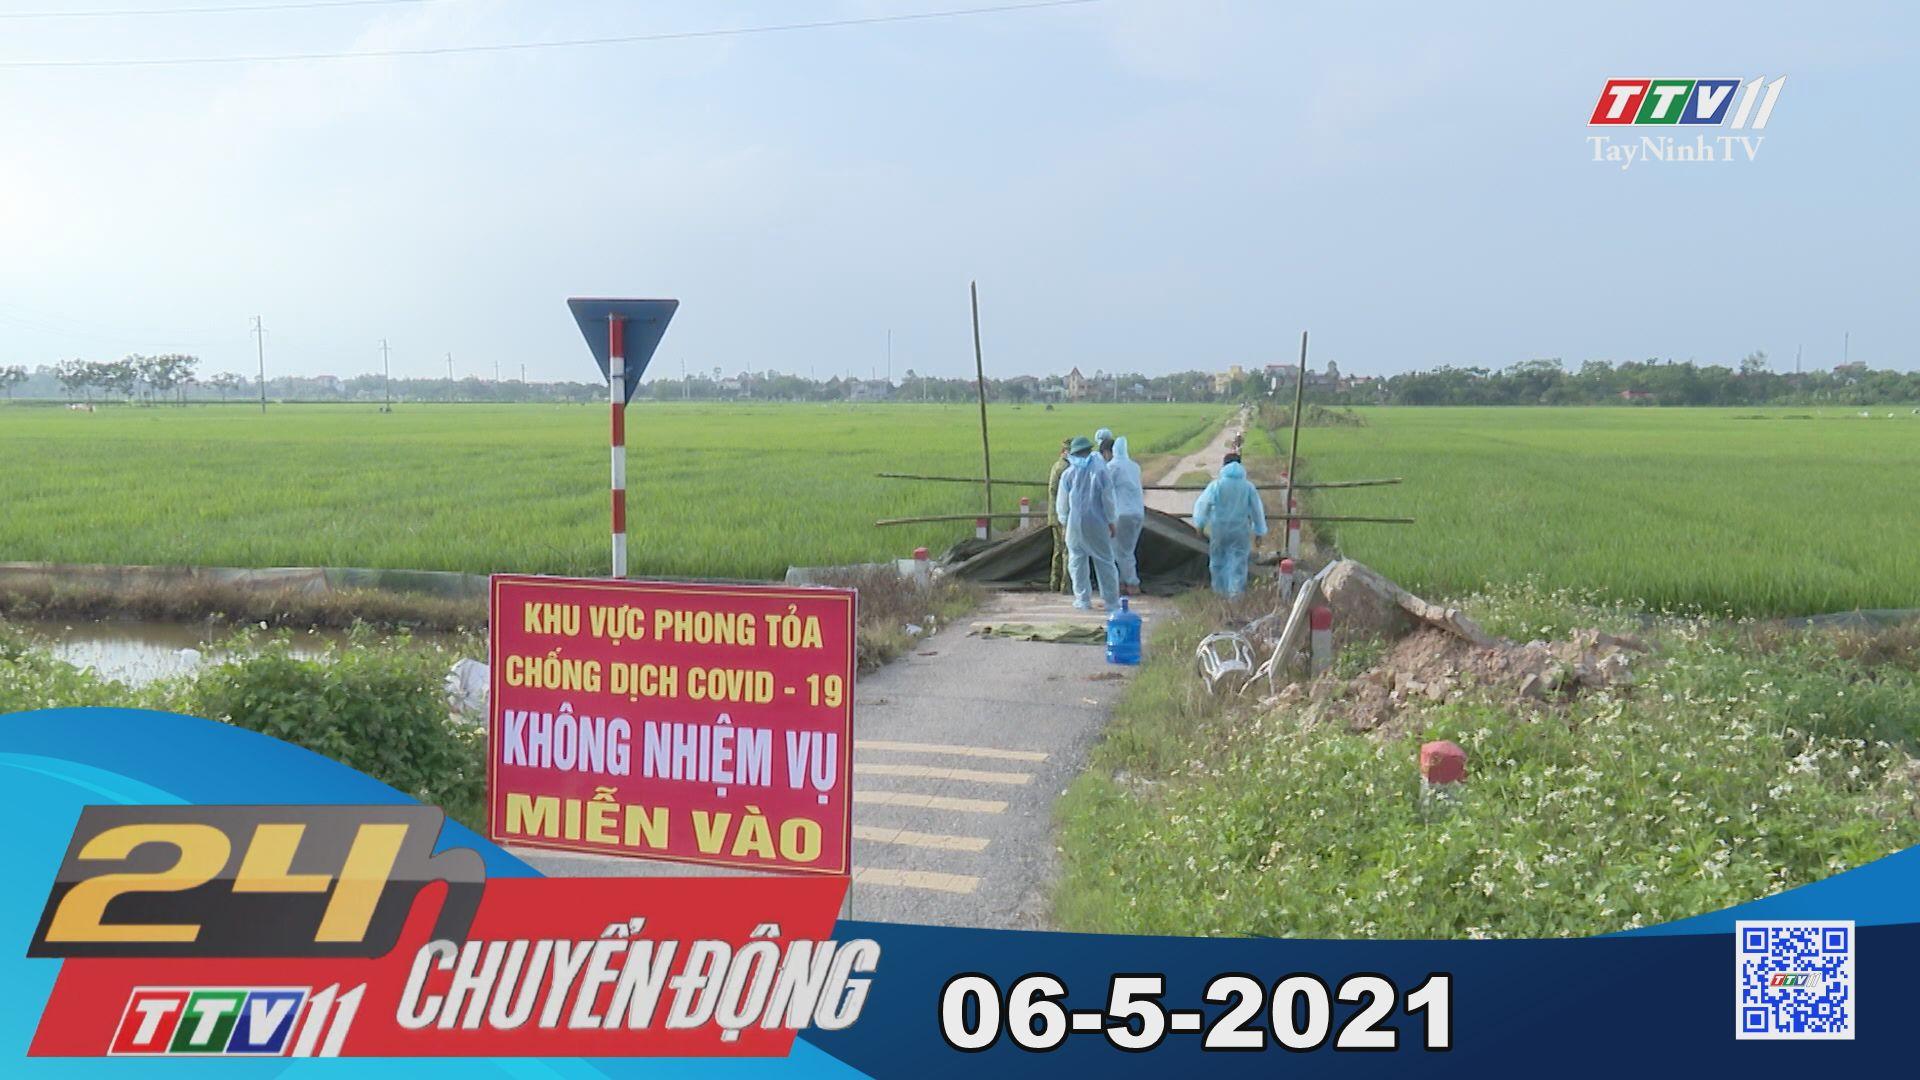 24h Chuyển động 06-5-2021 | Tin tức hôm nay | TayNinhTV